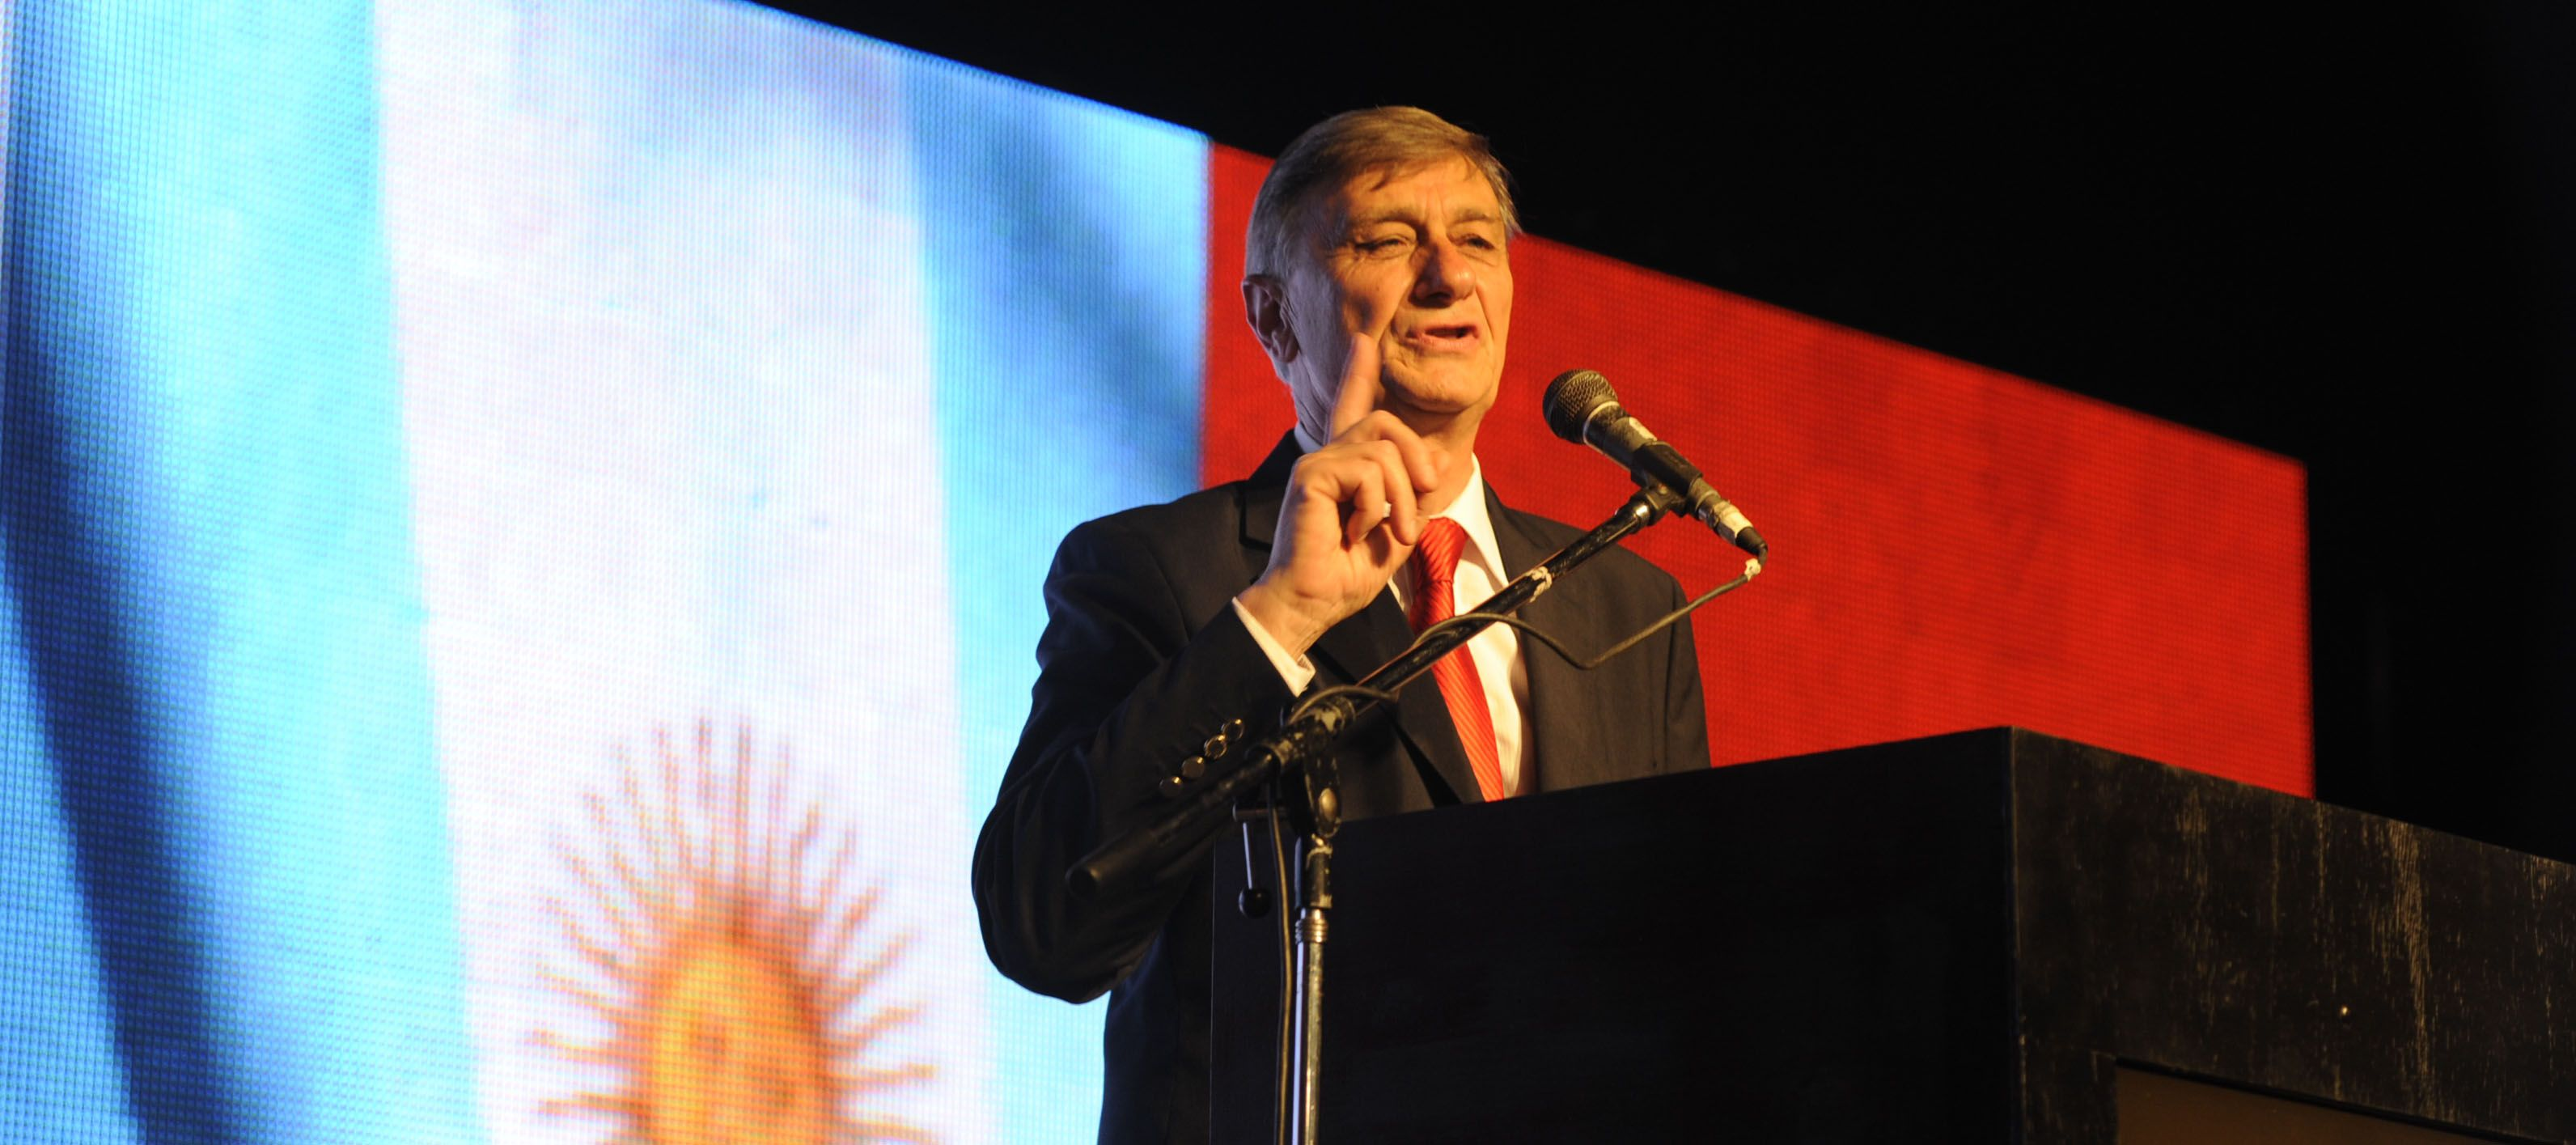 El ex mandatario santafesino le cerró la puerta al actual jefe de Gobierno porteño.